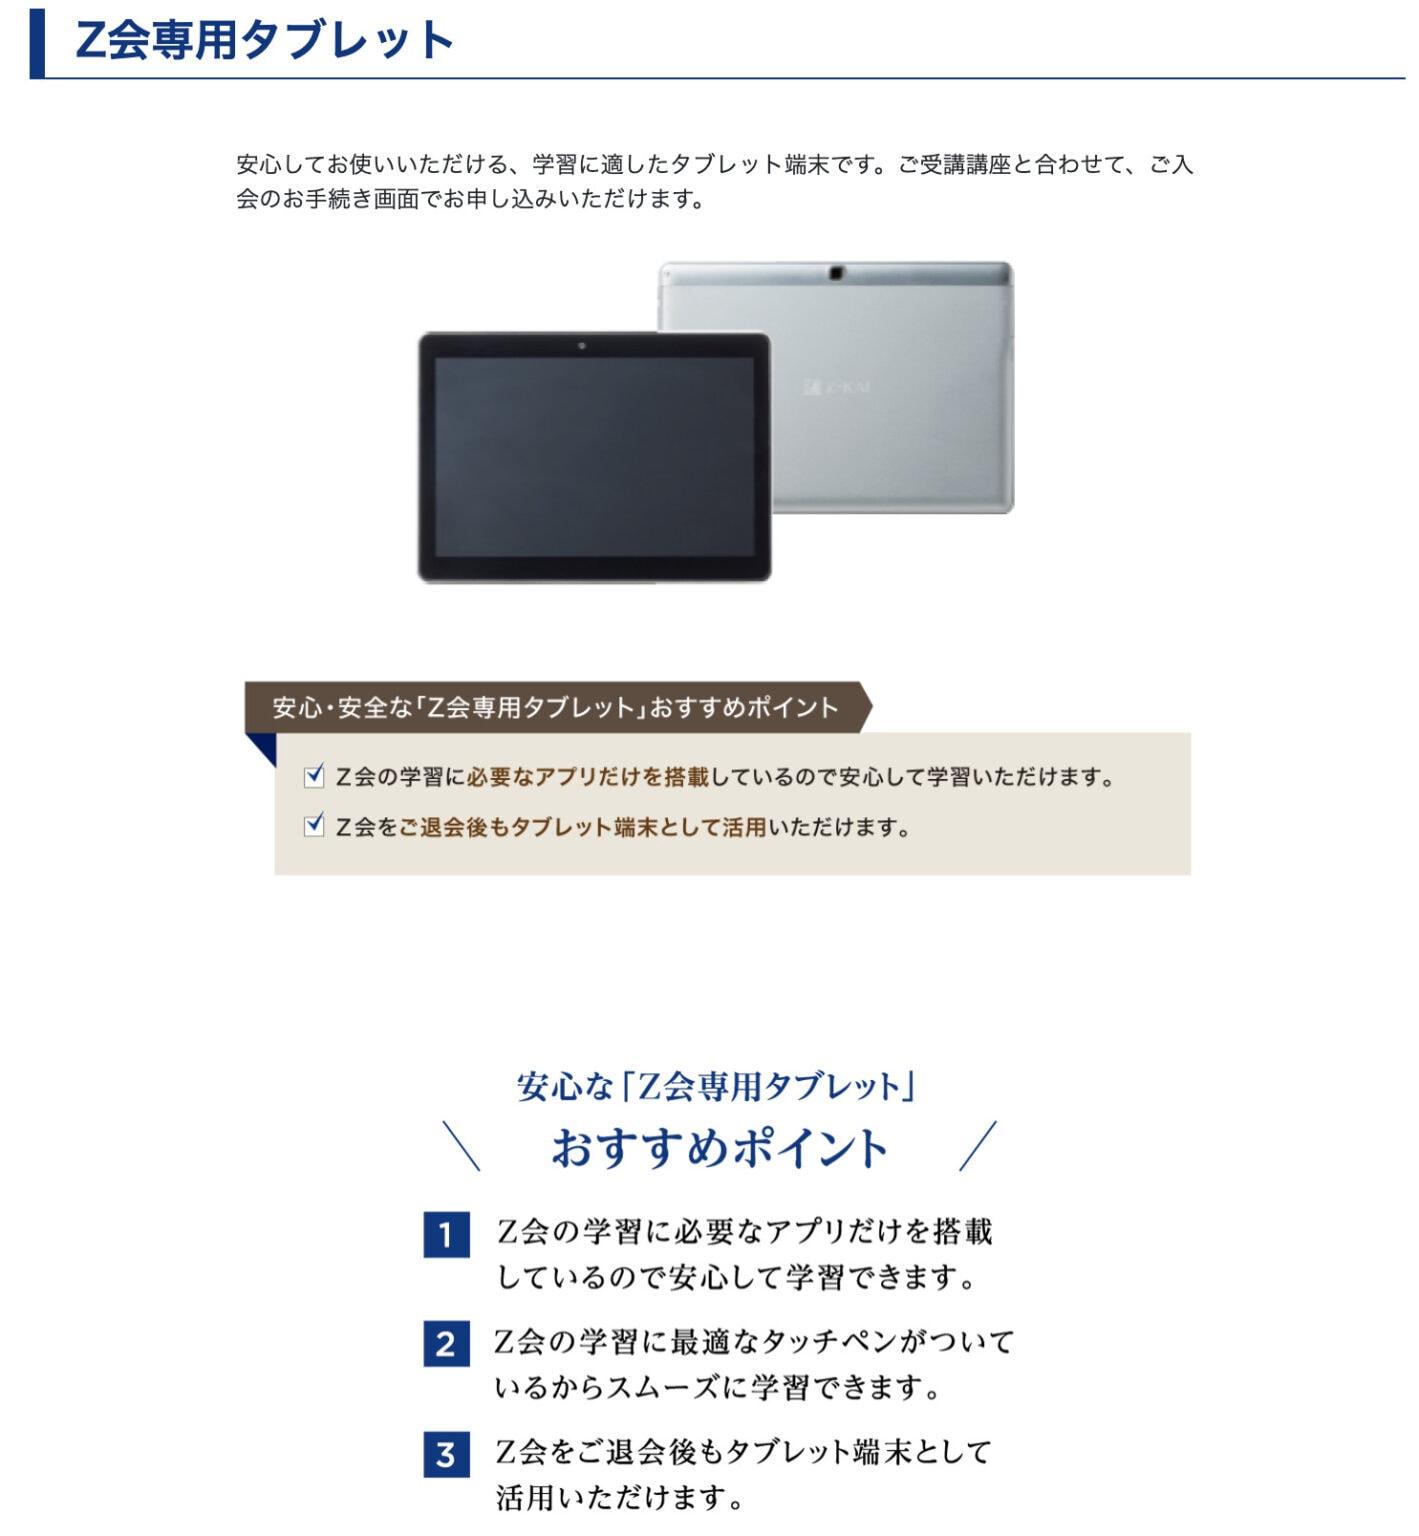 Z会専用のタブレットの画像